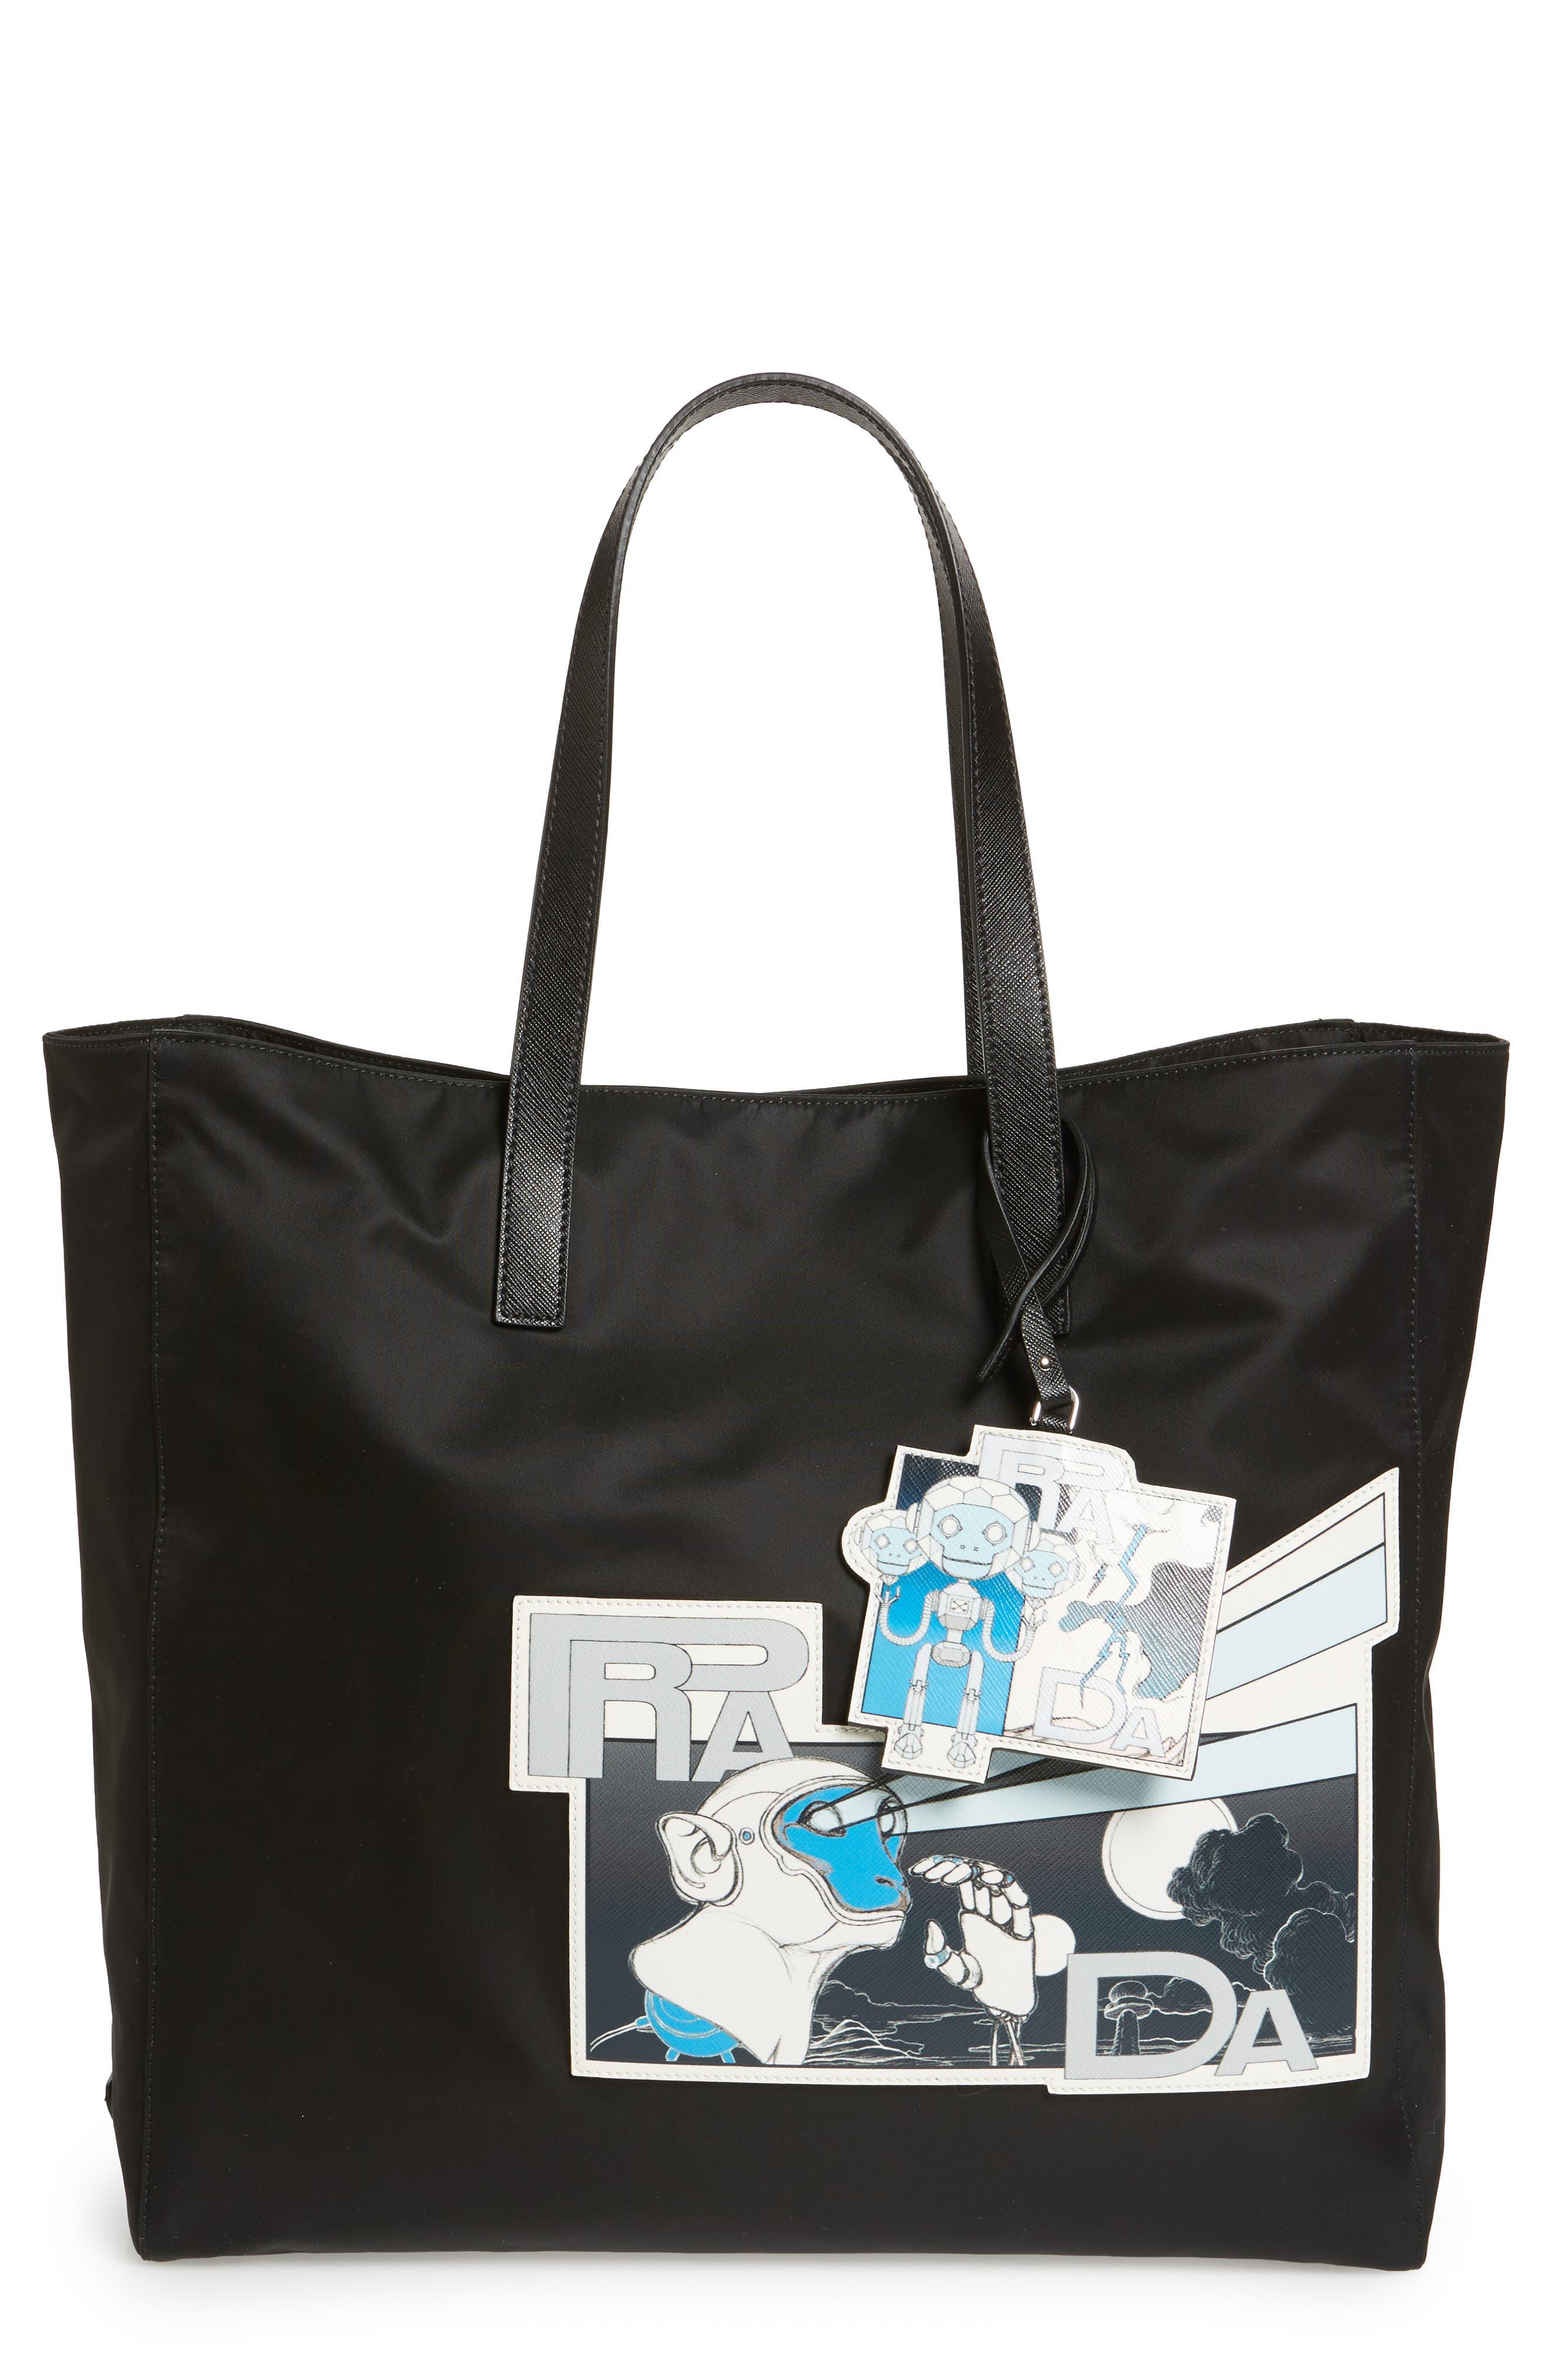 Prada Comic Tote Bag